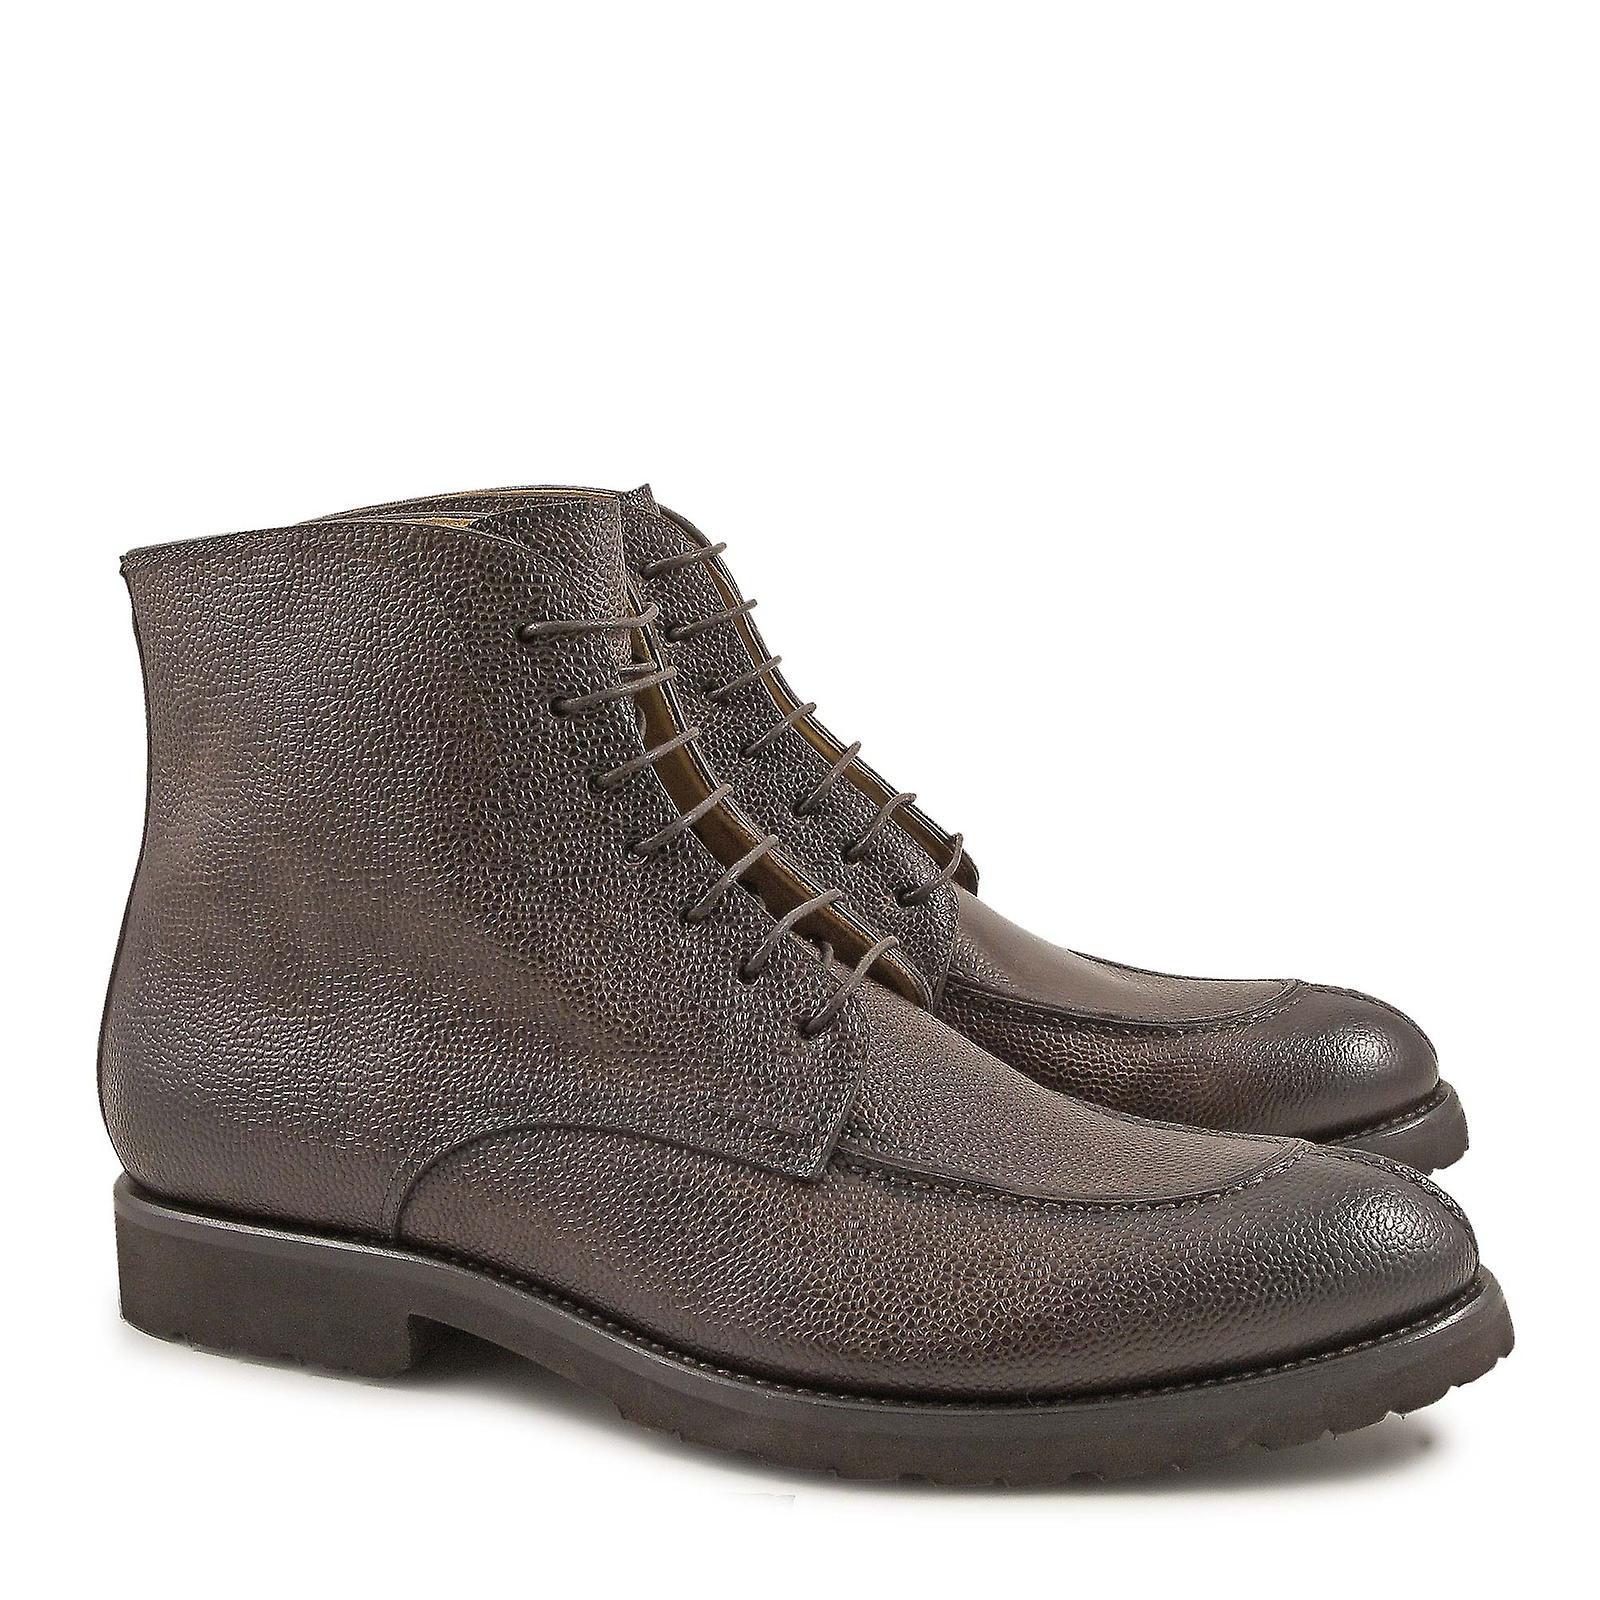 Italiano degli uomini handmade vestire stivali in pelle cioccolato